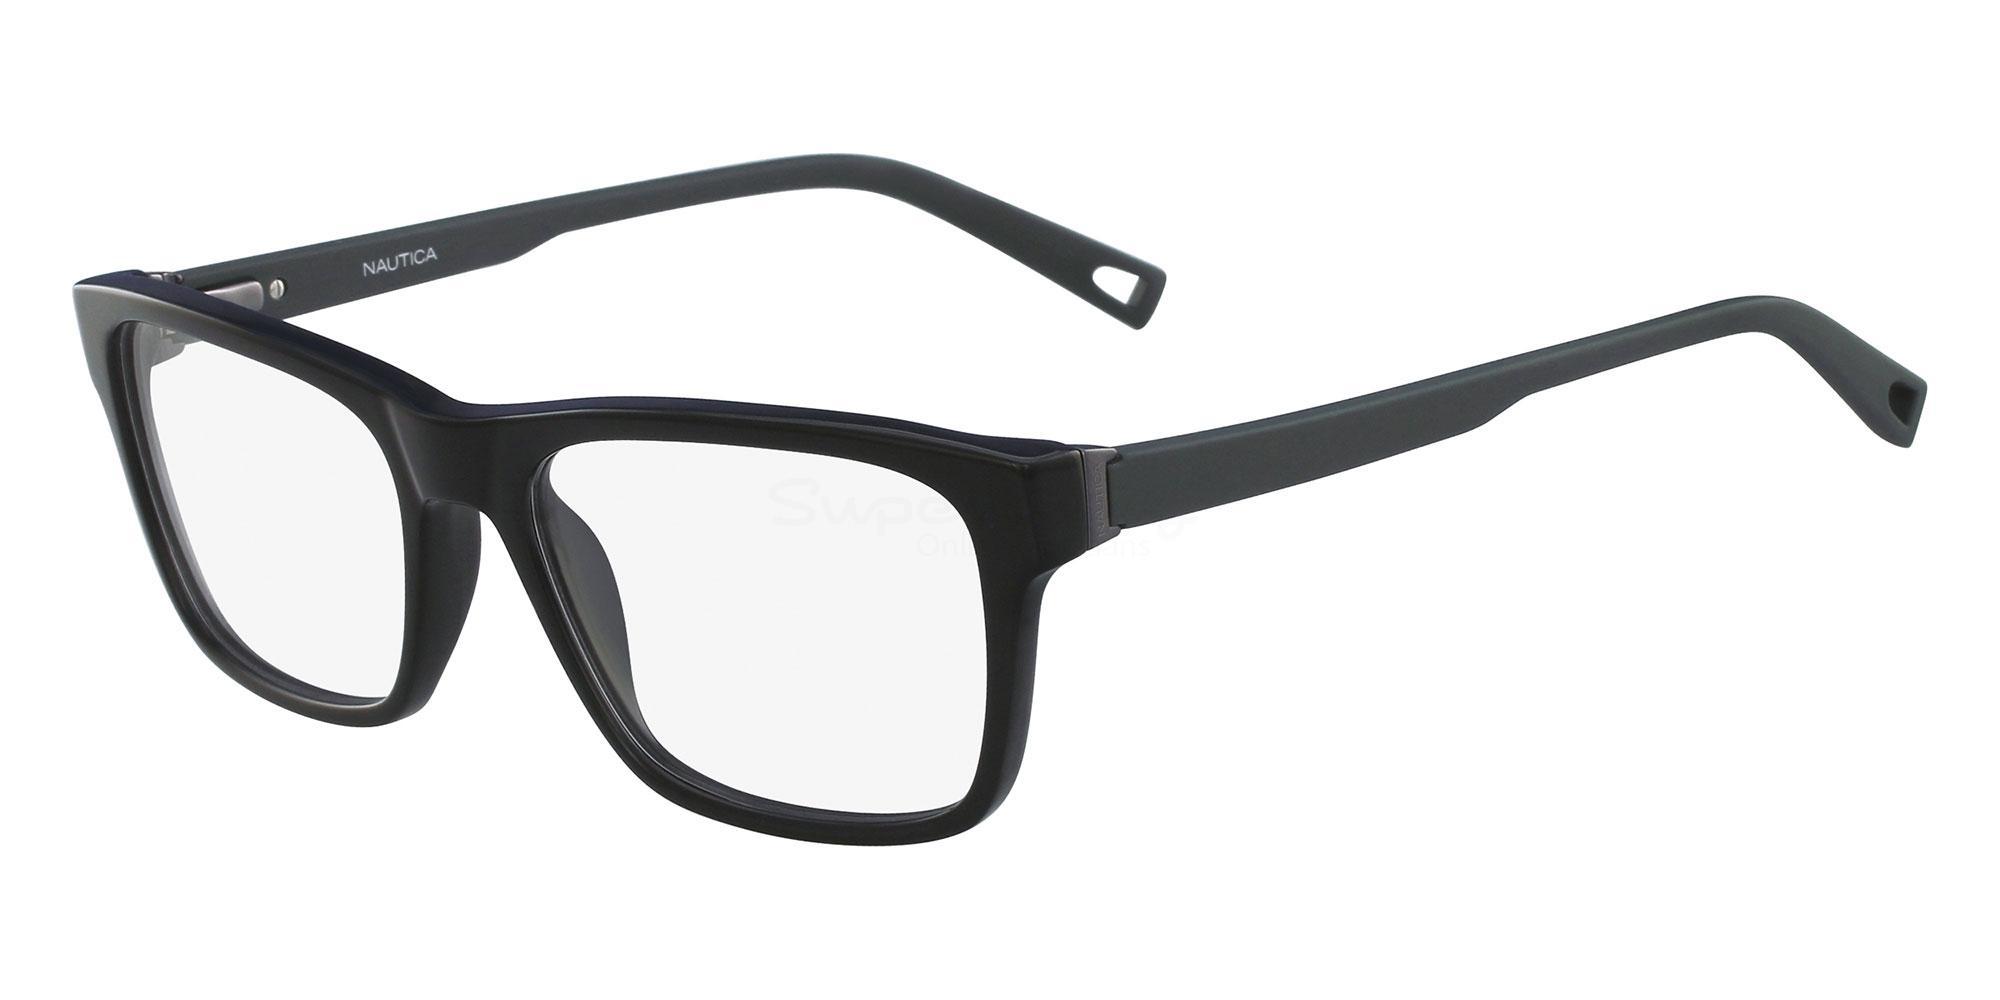 001 N8128 Glasses, Nautica